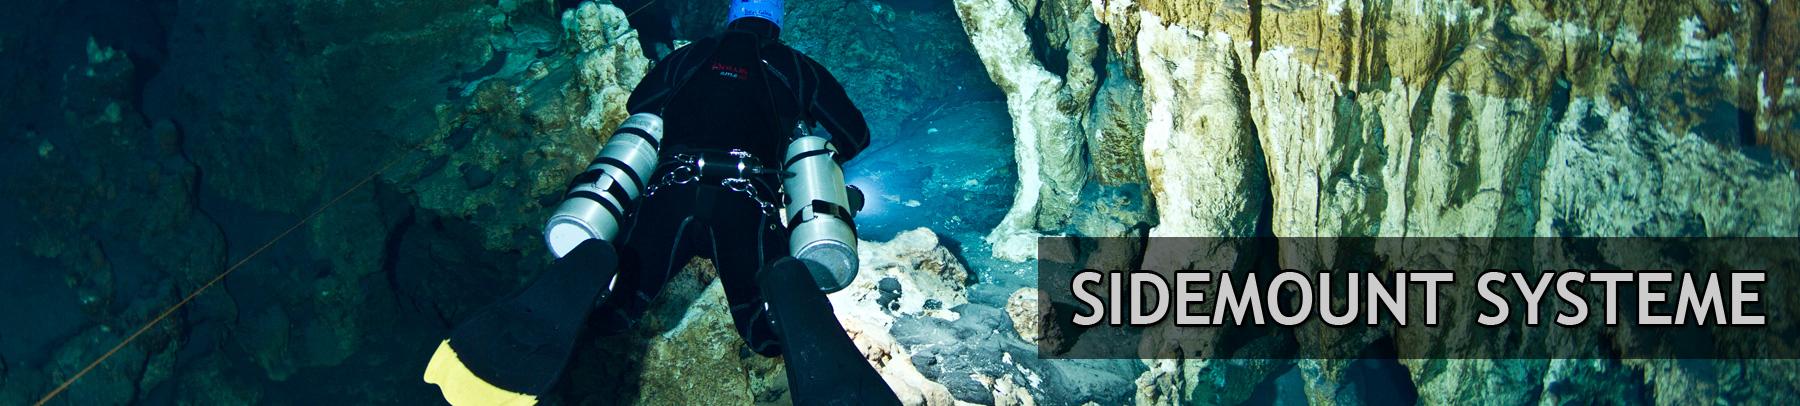 Sidemount-Systeme-Banner